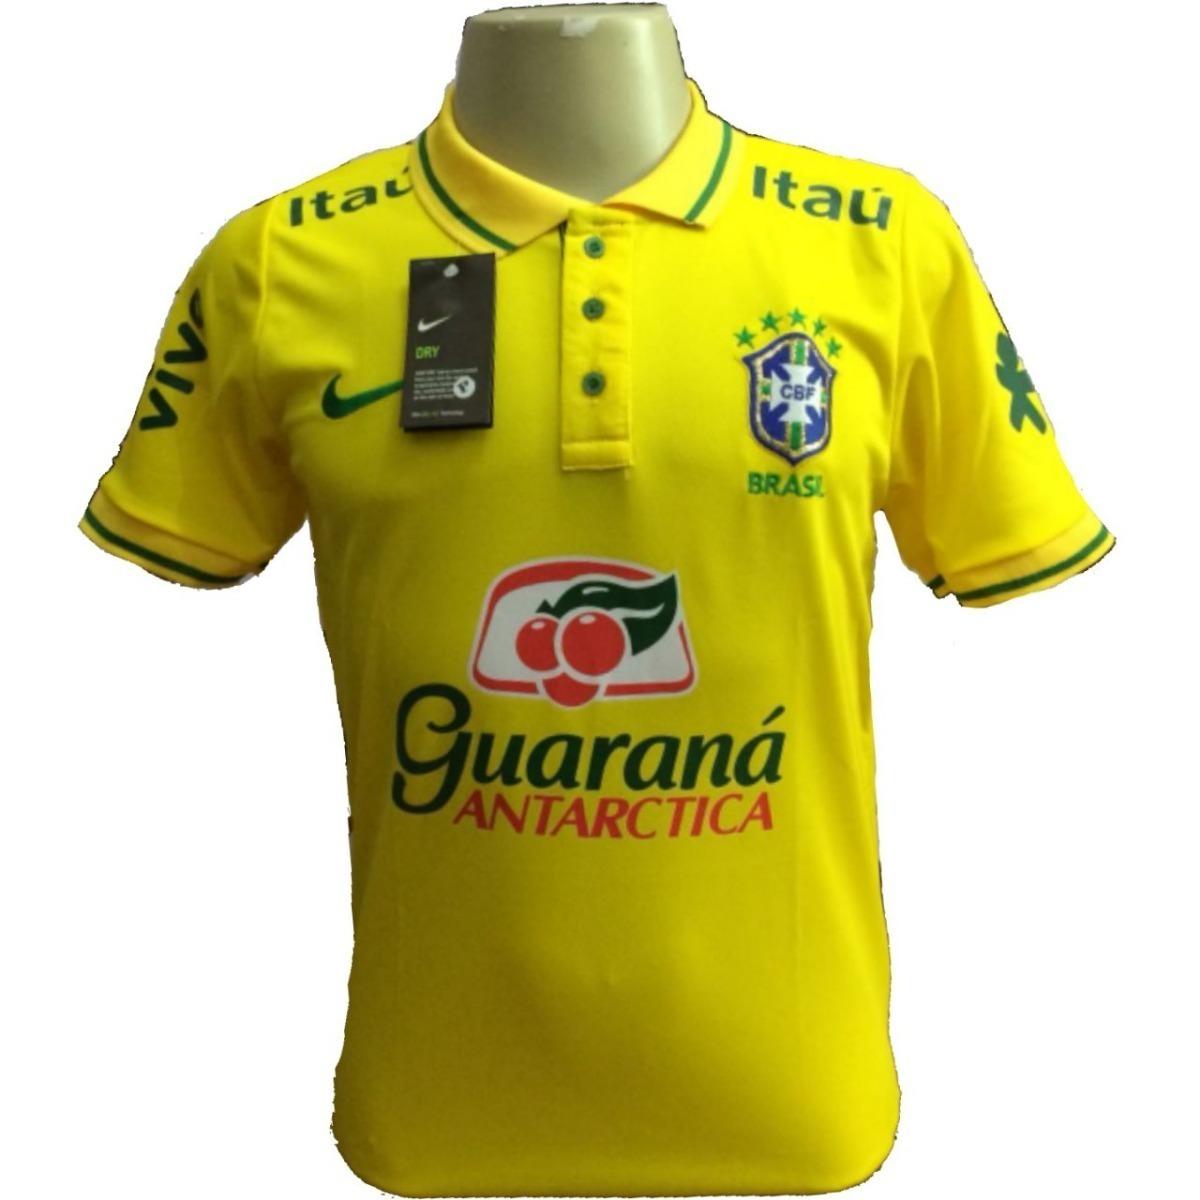 c9e61ece29 camisa polo de treino brasil amarela seleçao copa 2018. Carregando zoom.